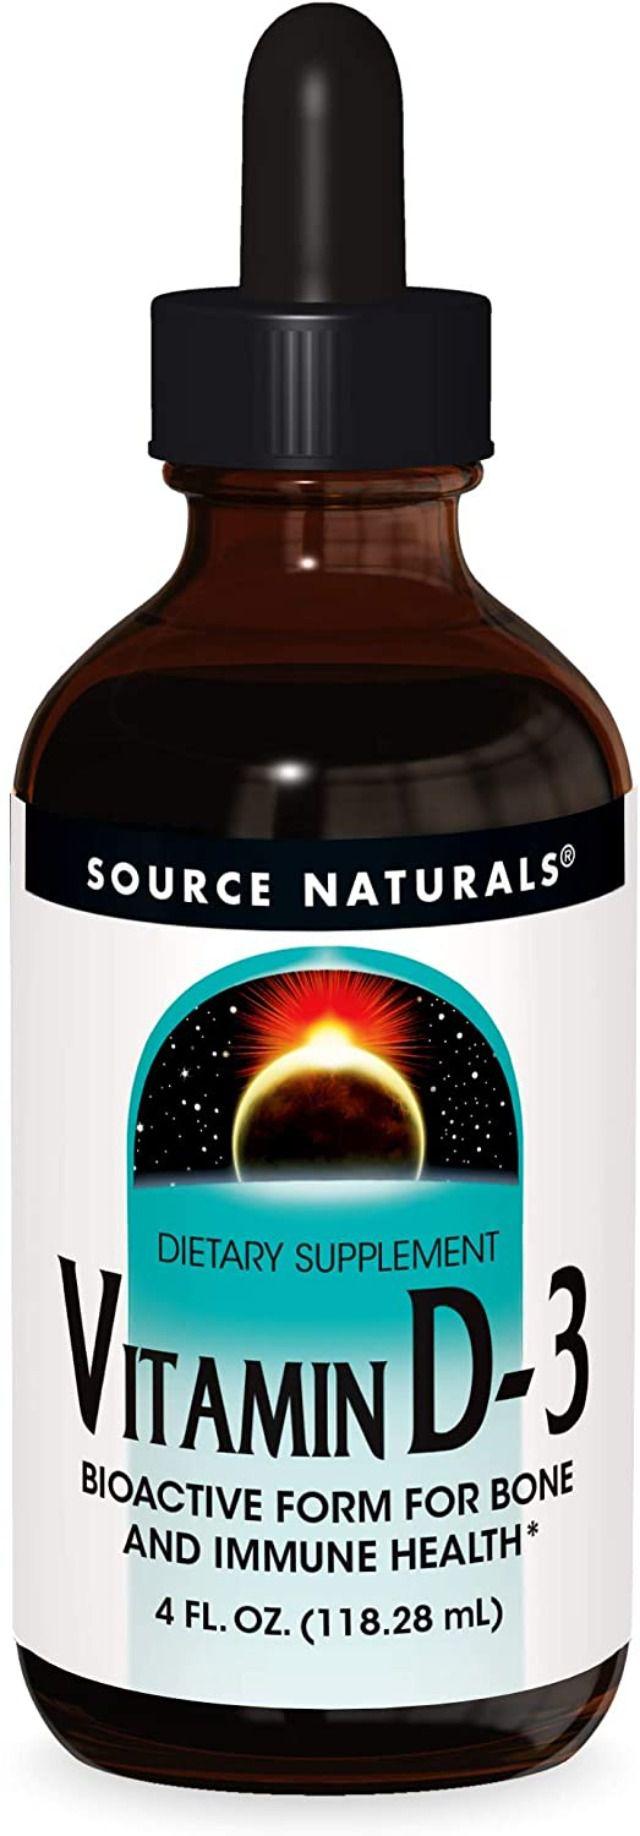 Source Naturals Vitamin D-3 Liquid Drops